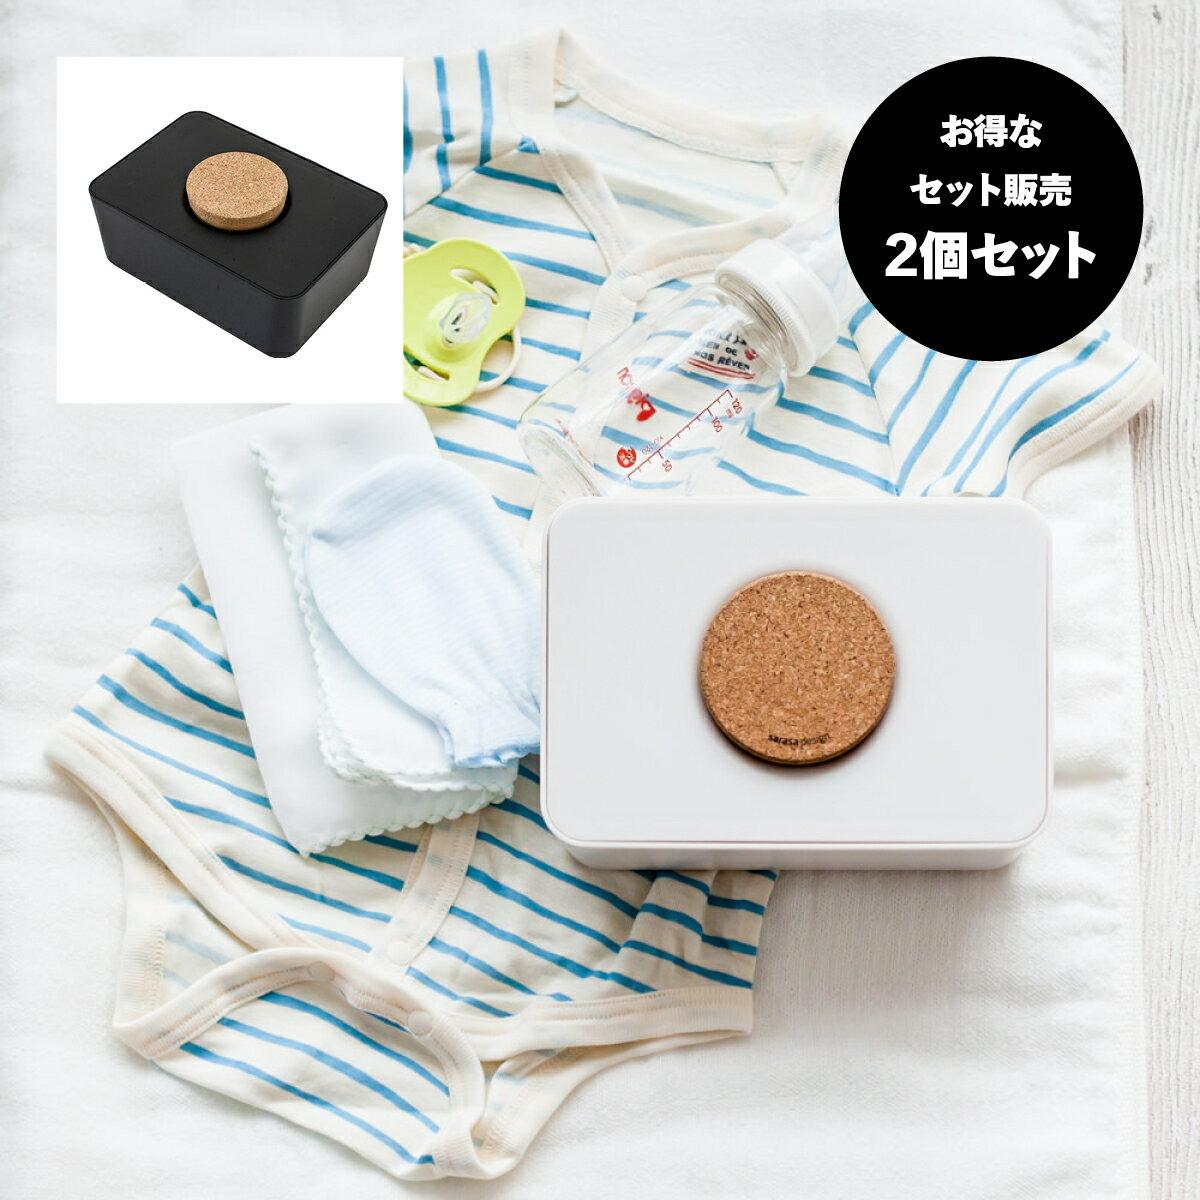 [当店通常価格¥5,400|お得なセット販売●b2cウェットティッシュホルダー(コルク蓋・ブラック)2個セット]